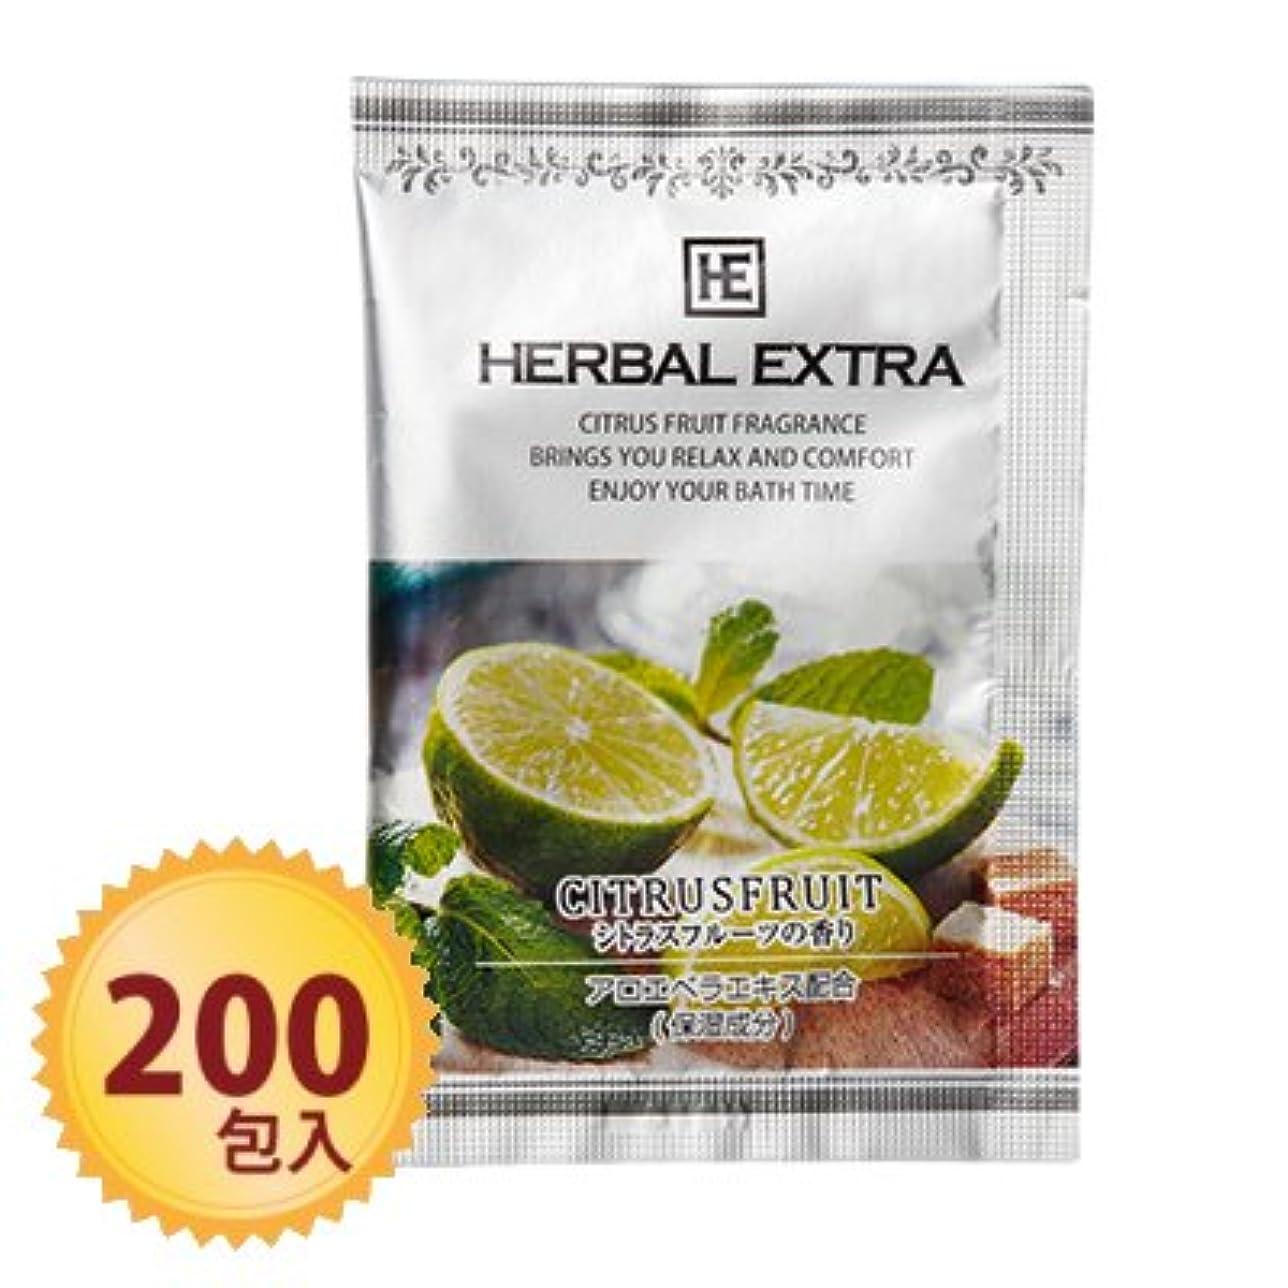 アマチュア反響する不条理ハーバルエクストラBS シトラスフルーツの香り 20g×200個